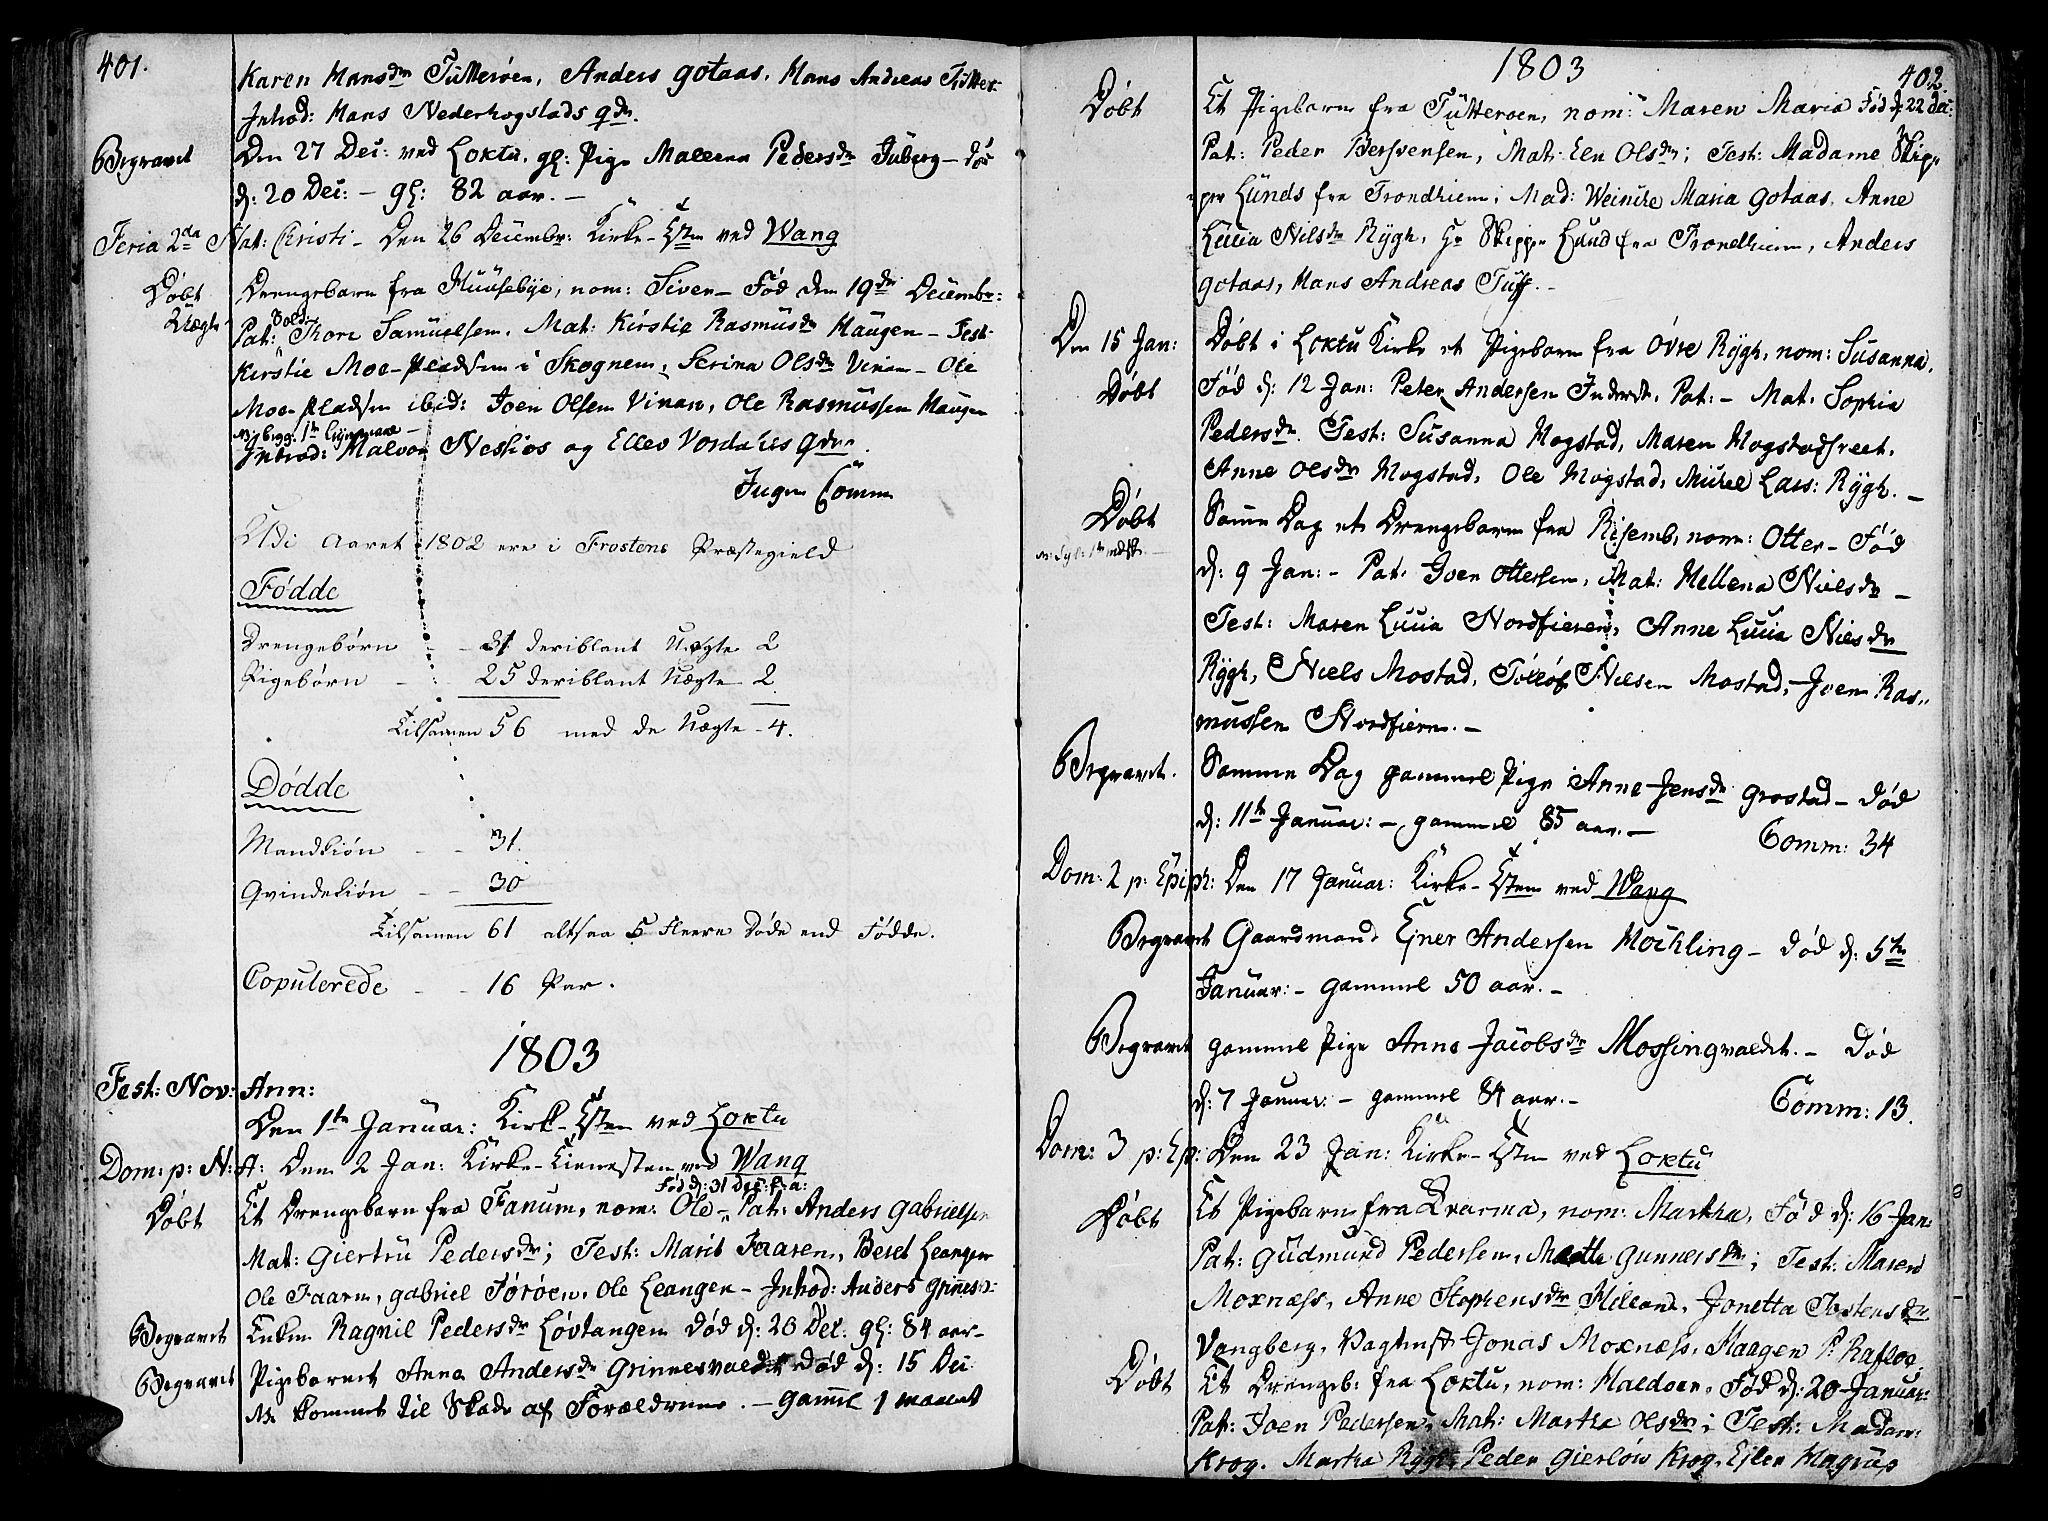 SAT, Ministerialprotokoller, klokkerbøker og fødselsregistre - Nord-Trøndelag, 713/L0110: Ministerialbok nr. 713A02, 1778-1811, s. 401-402